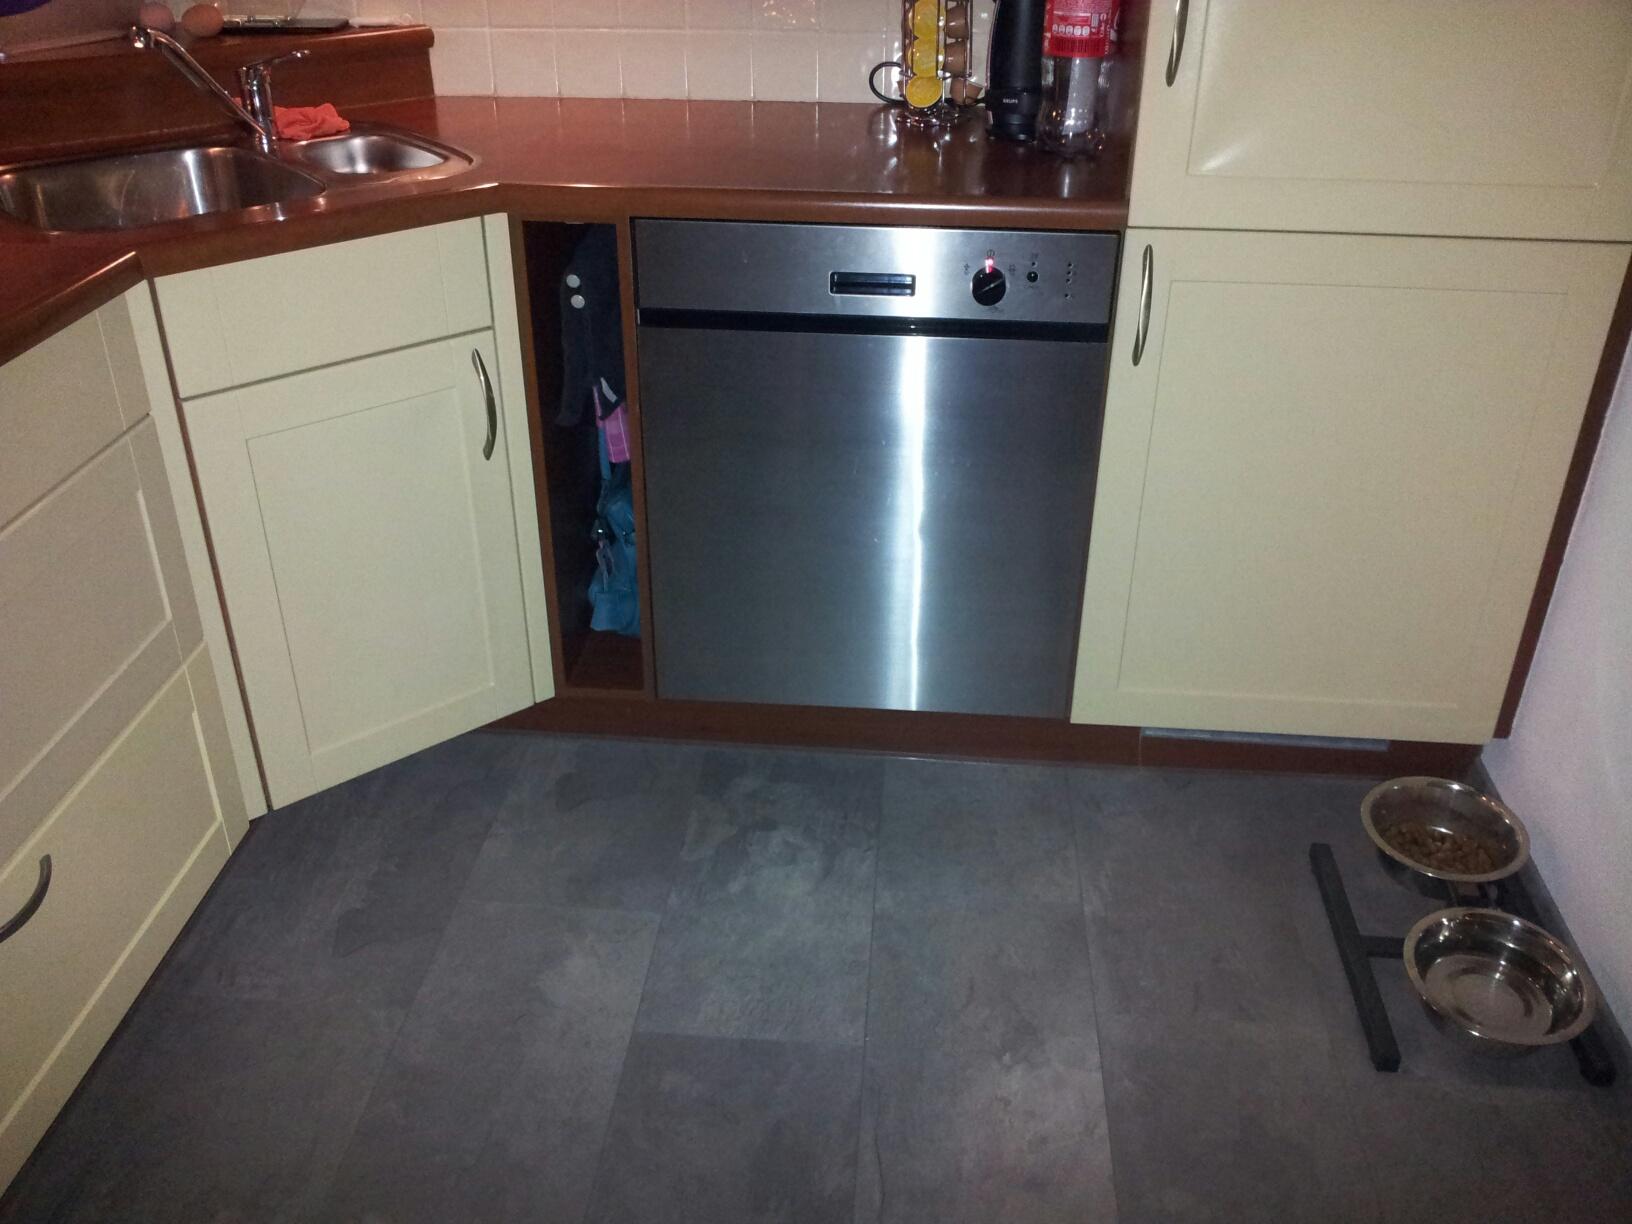 Hoogglans Wit Keuken Folie : on: keuken opknappen keuken plakken keuken renoveren keuken wrappen